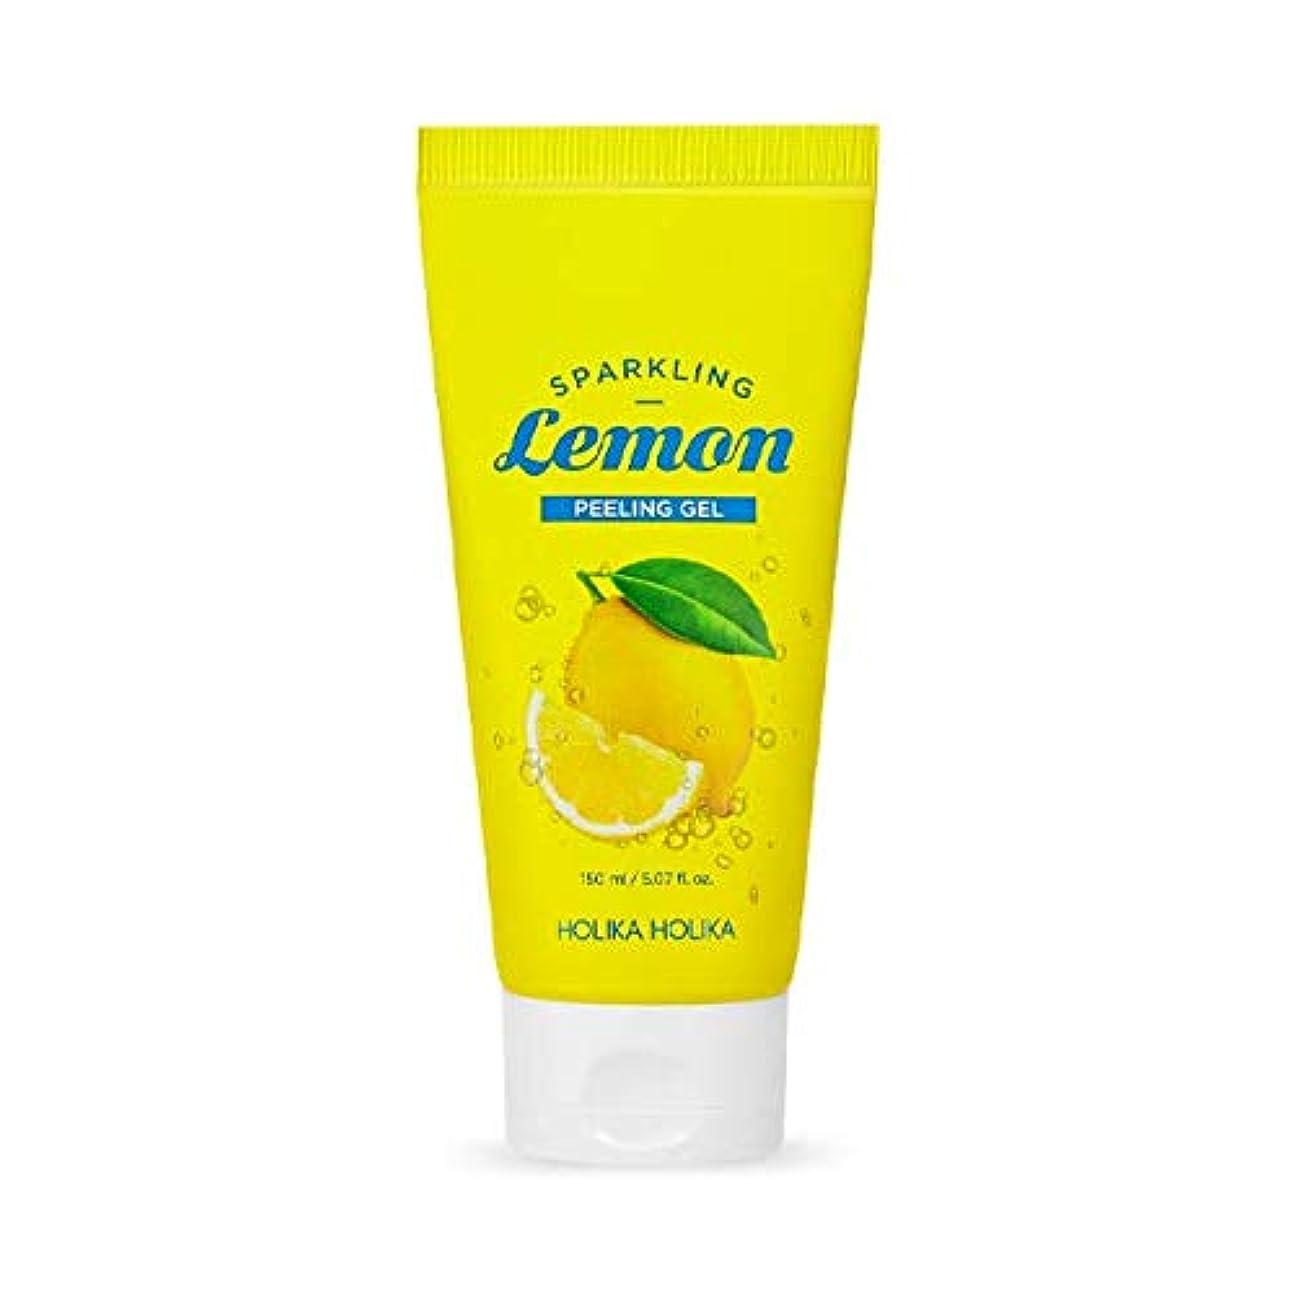 仕様動かない思いつくホリカホリカ 炭酸レモンピーリングジェル/HOLIKA Sparkling Lemon Peeling Gel 150ml 韓国コスメ [並行輸入品]